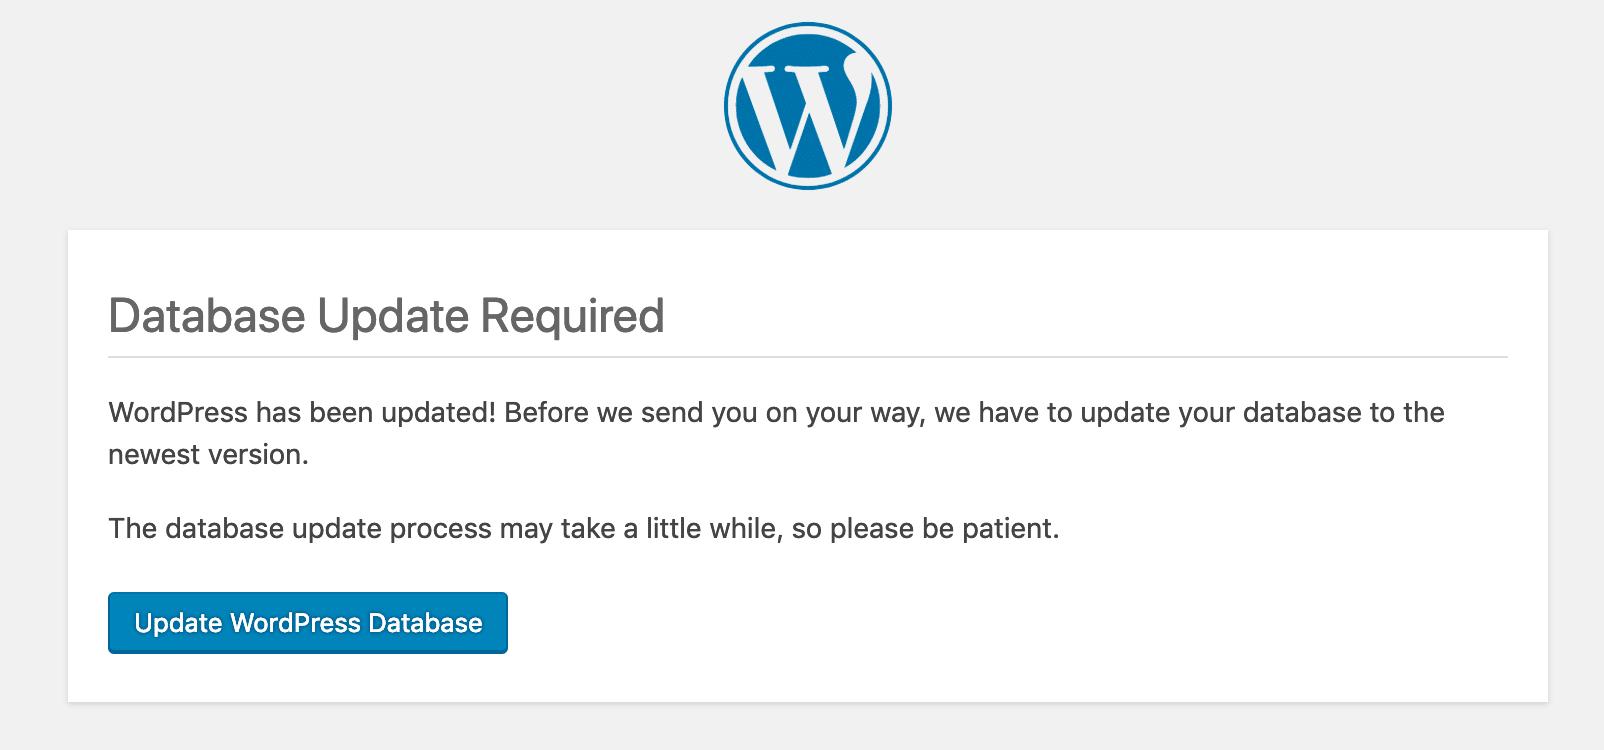 Se requiere actualización de la base de datos